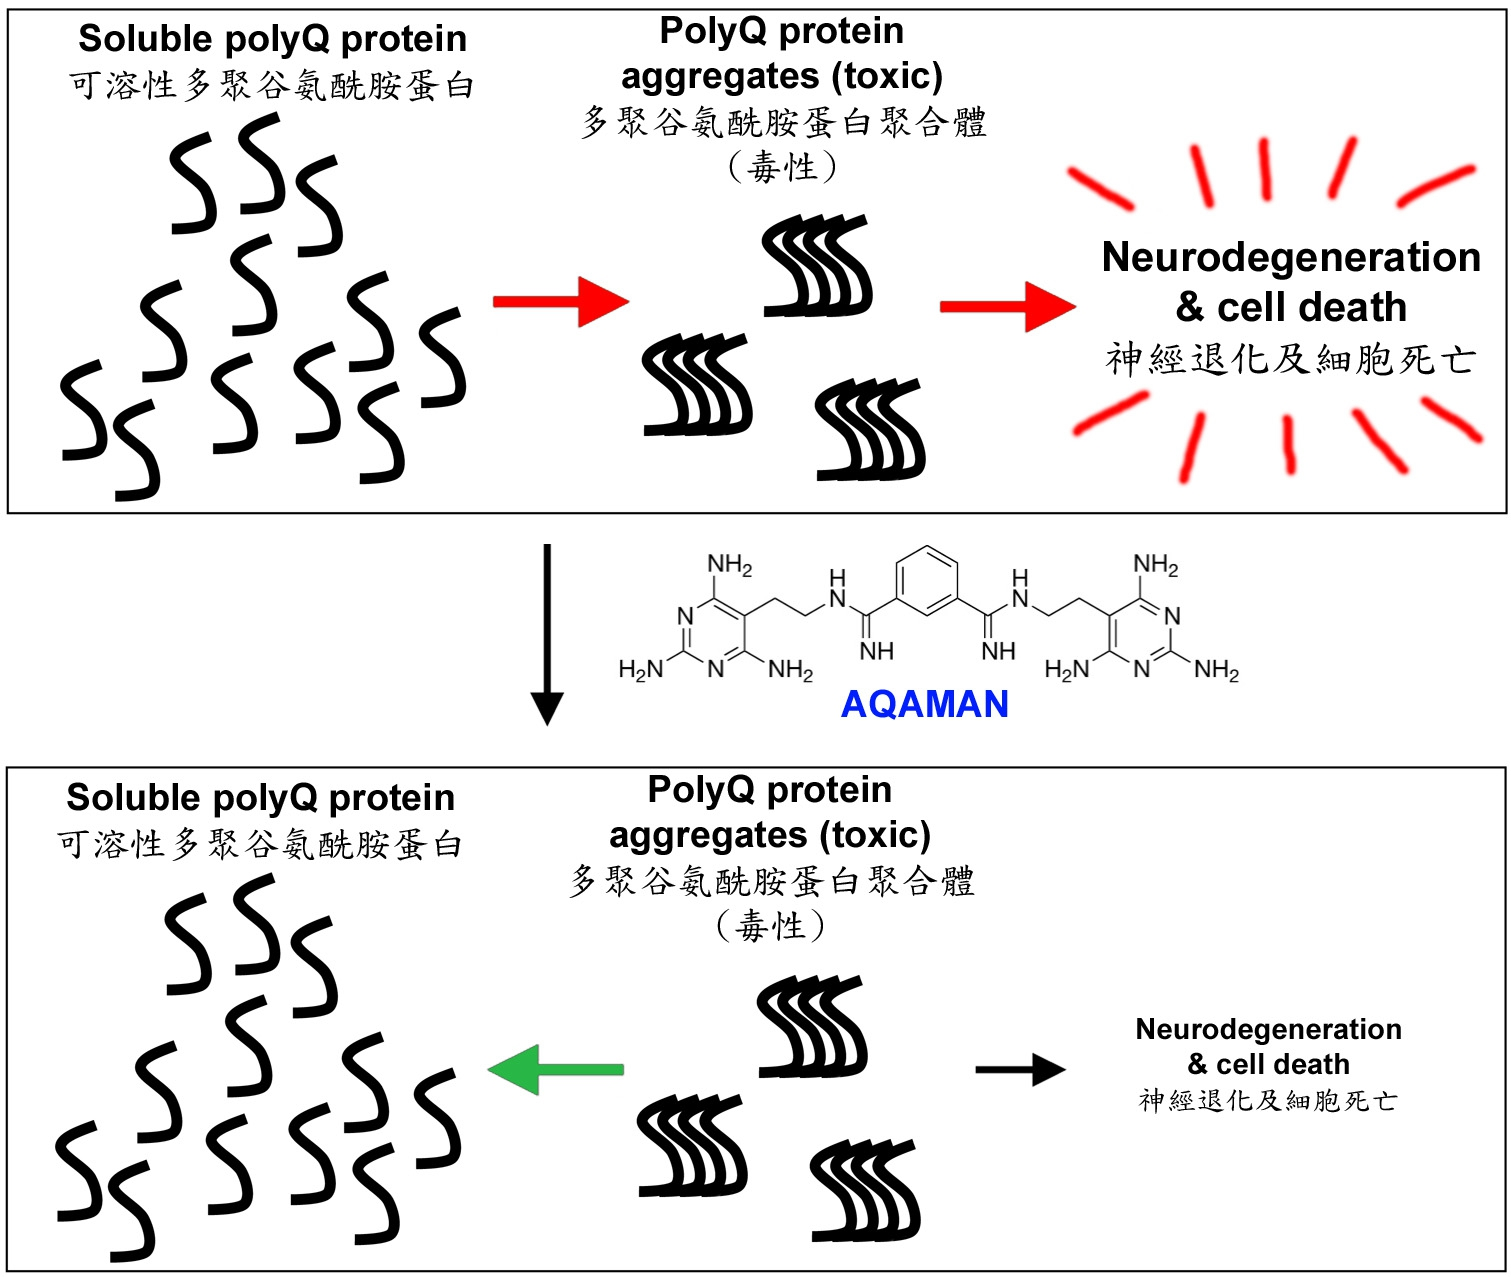 AQAMAN能干擾有毒polyQ蛋白質聚合體形成,並促使已形成的聚合體分解。